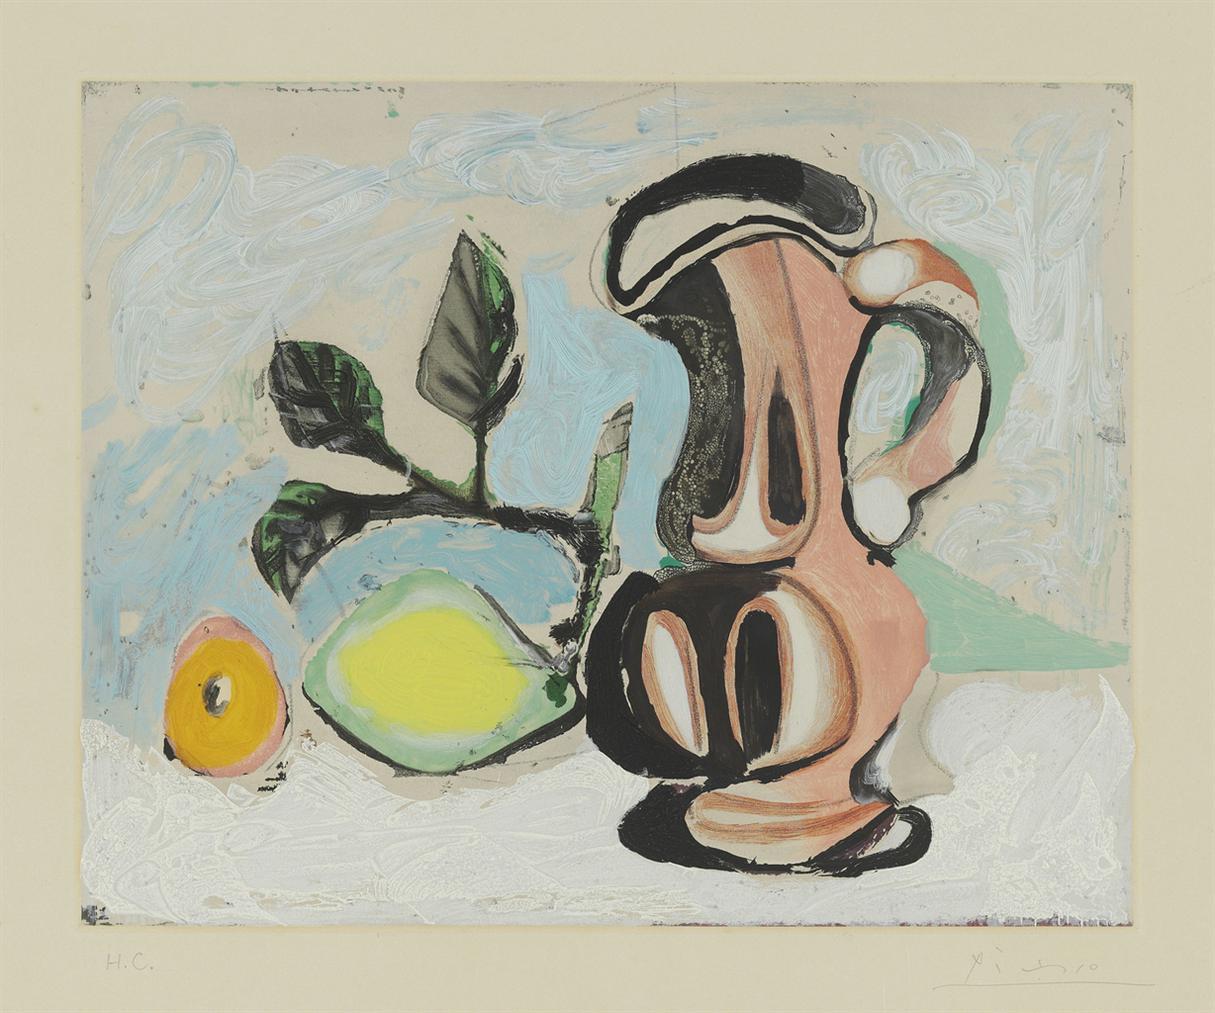 Pablo Picasso-After Pablo Picasso - Nature Morte Au Citron Et Pichet Rouge-1955